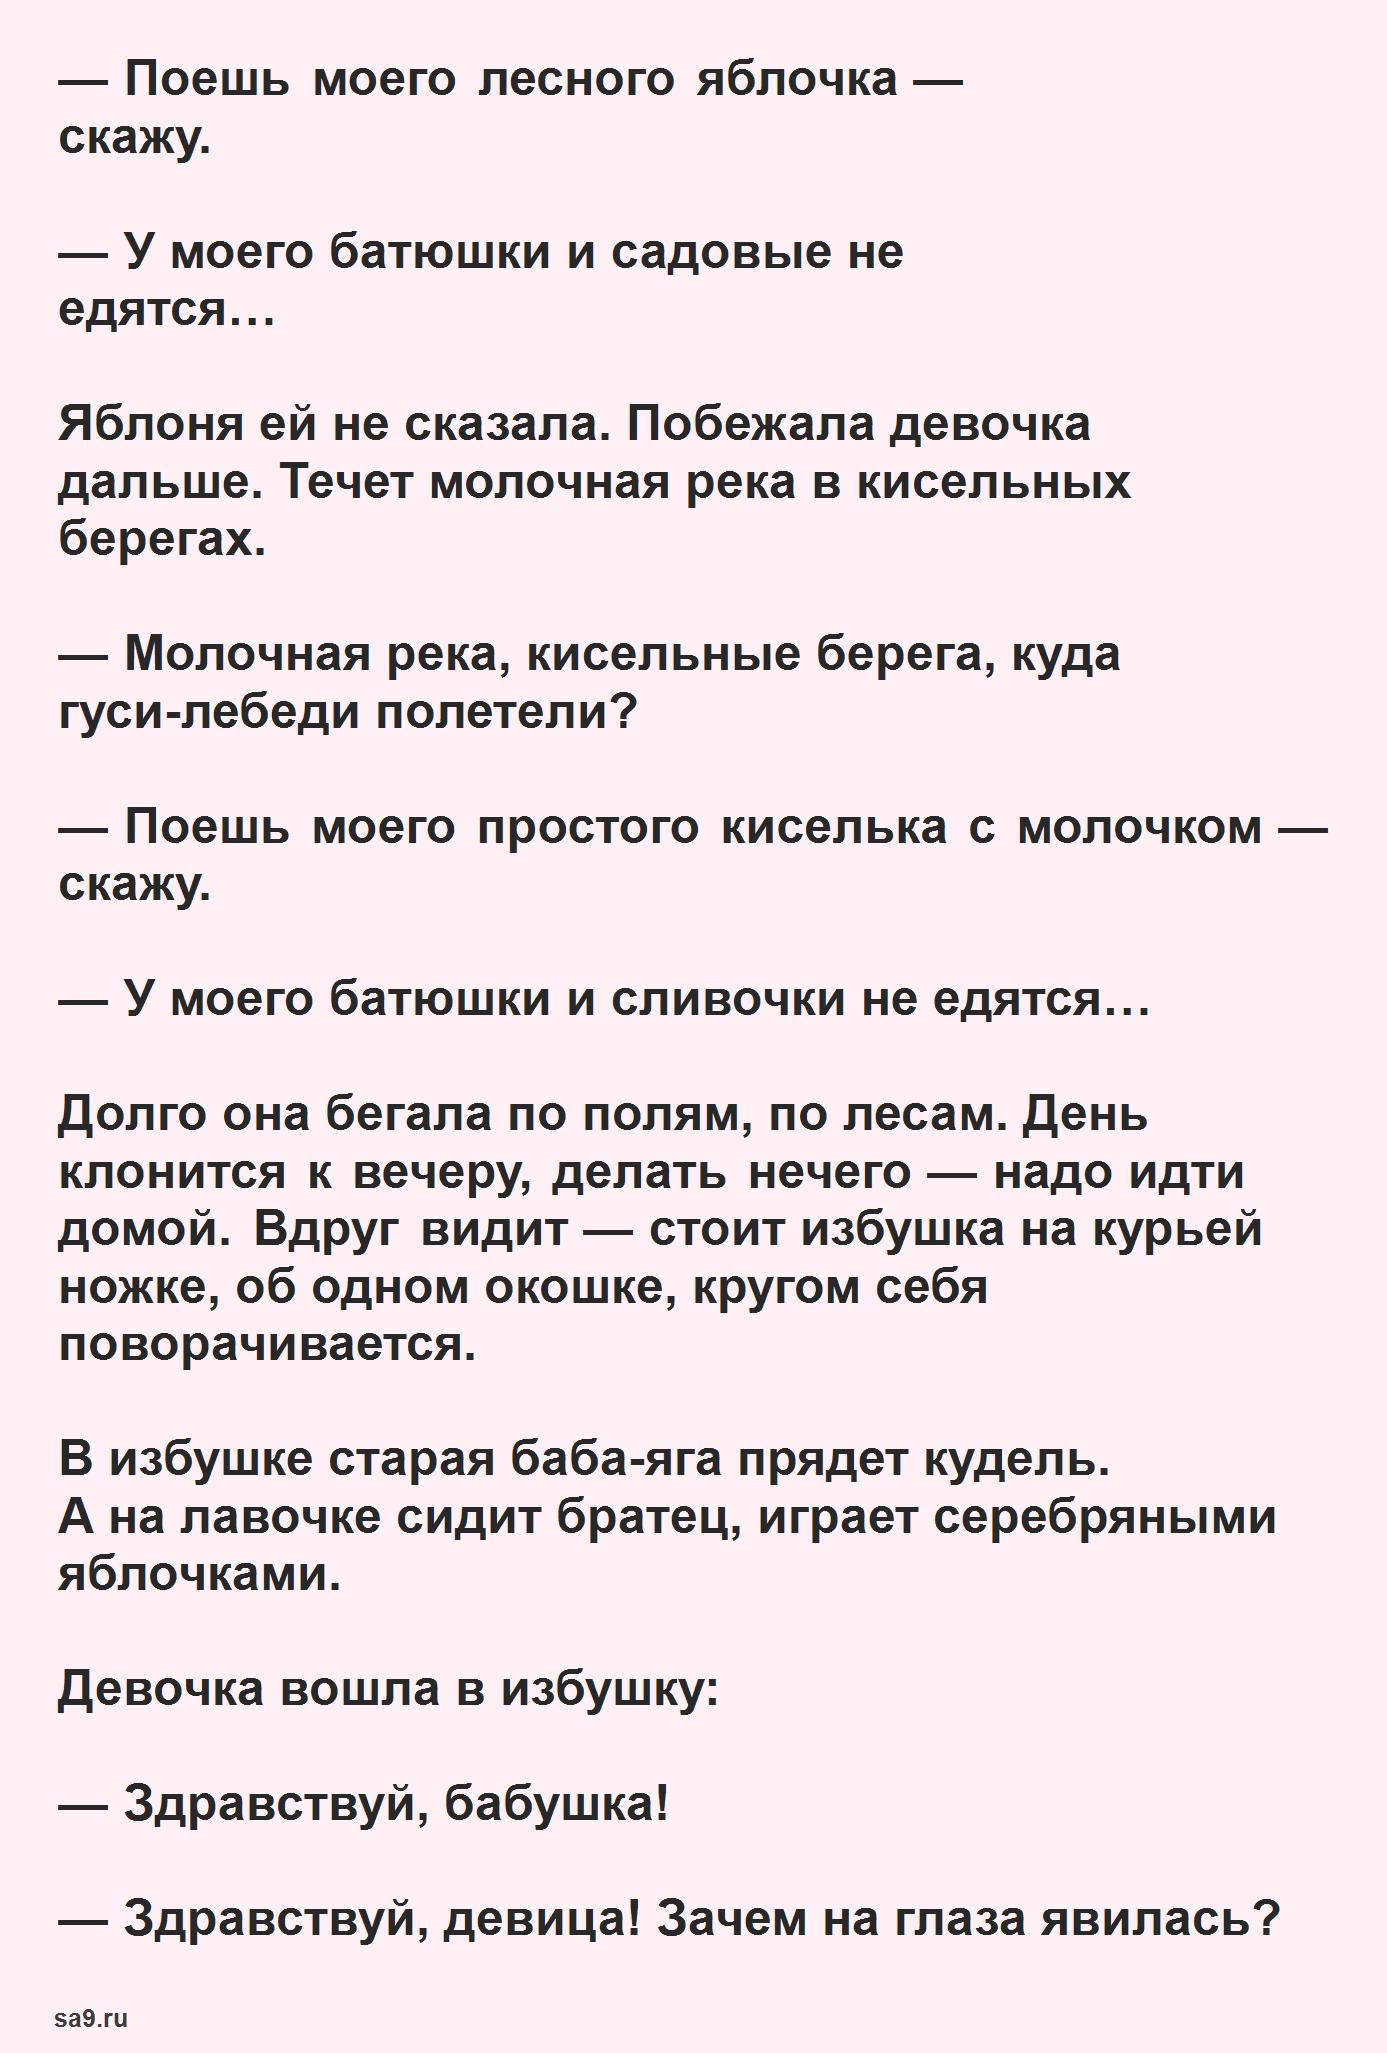 Русская народная сказка Гуси-лебеди, читать онлайн бесплатно